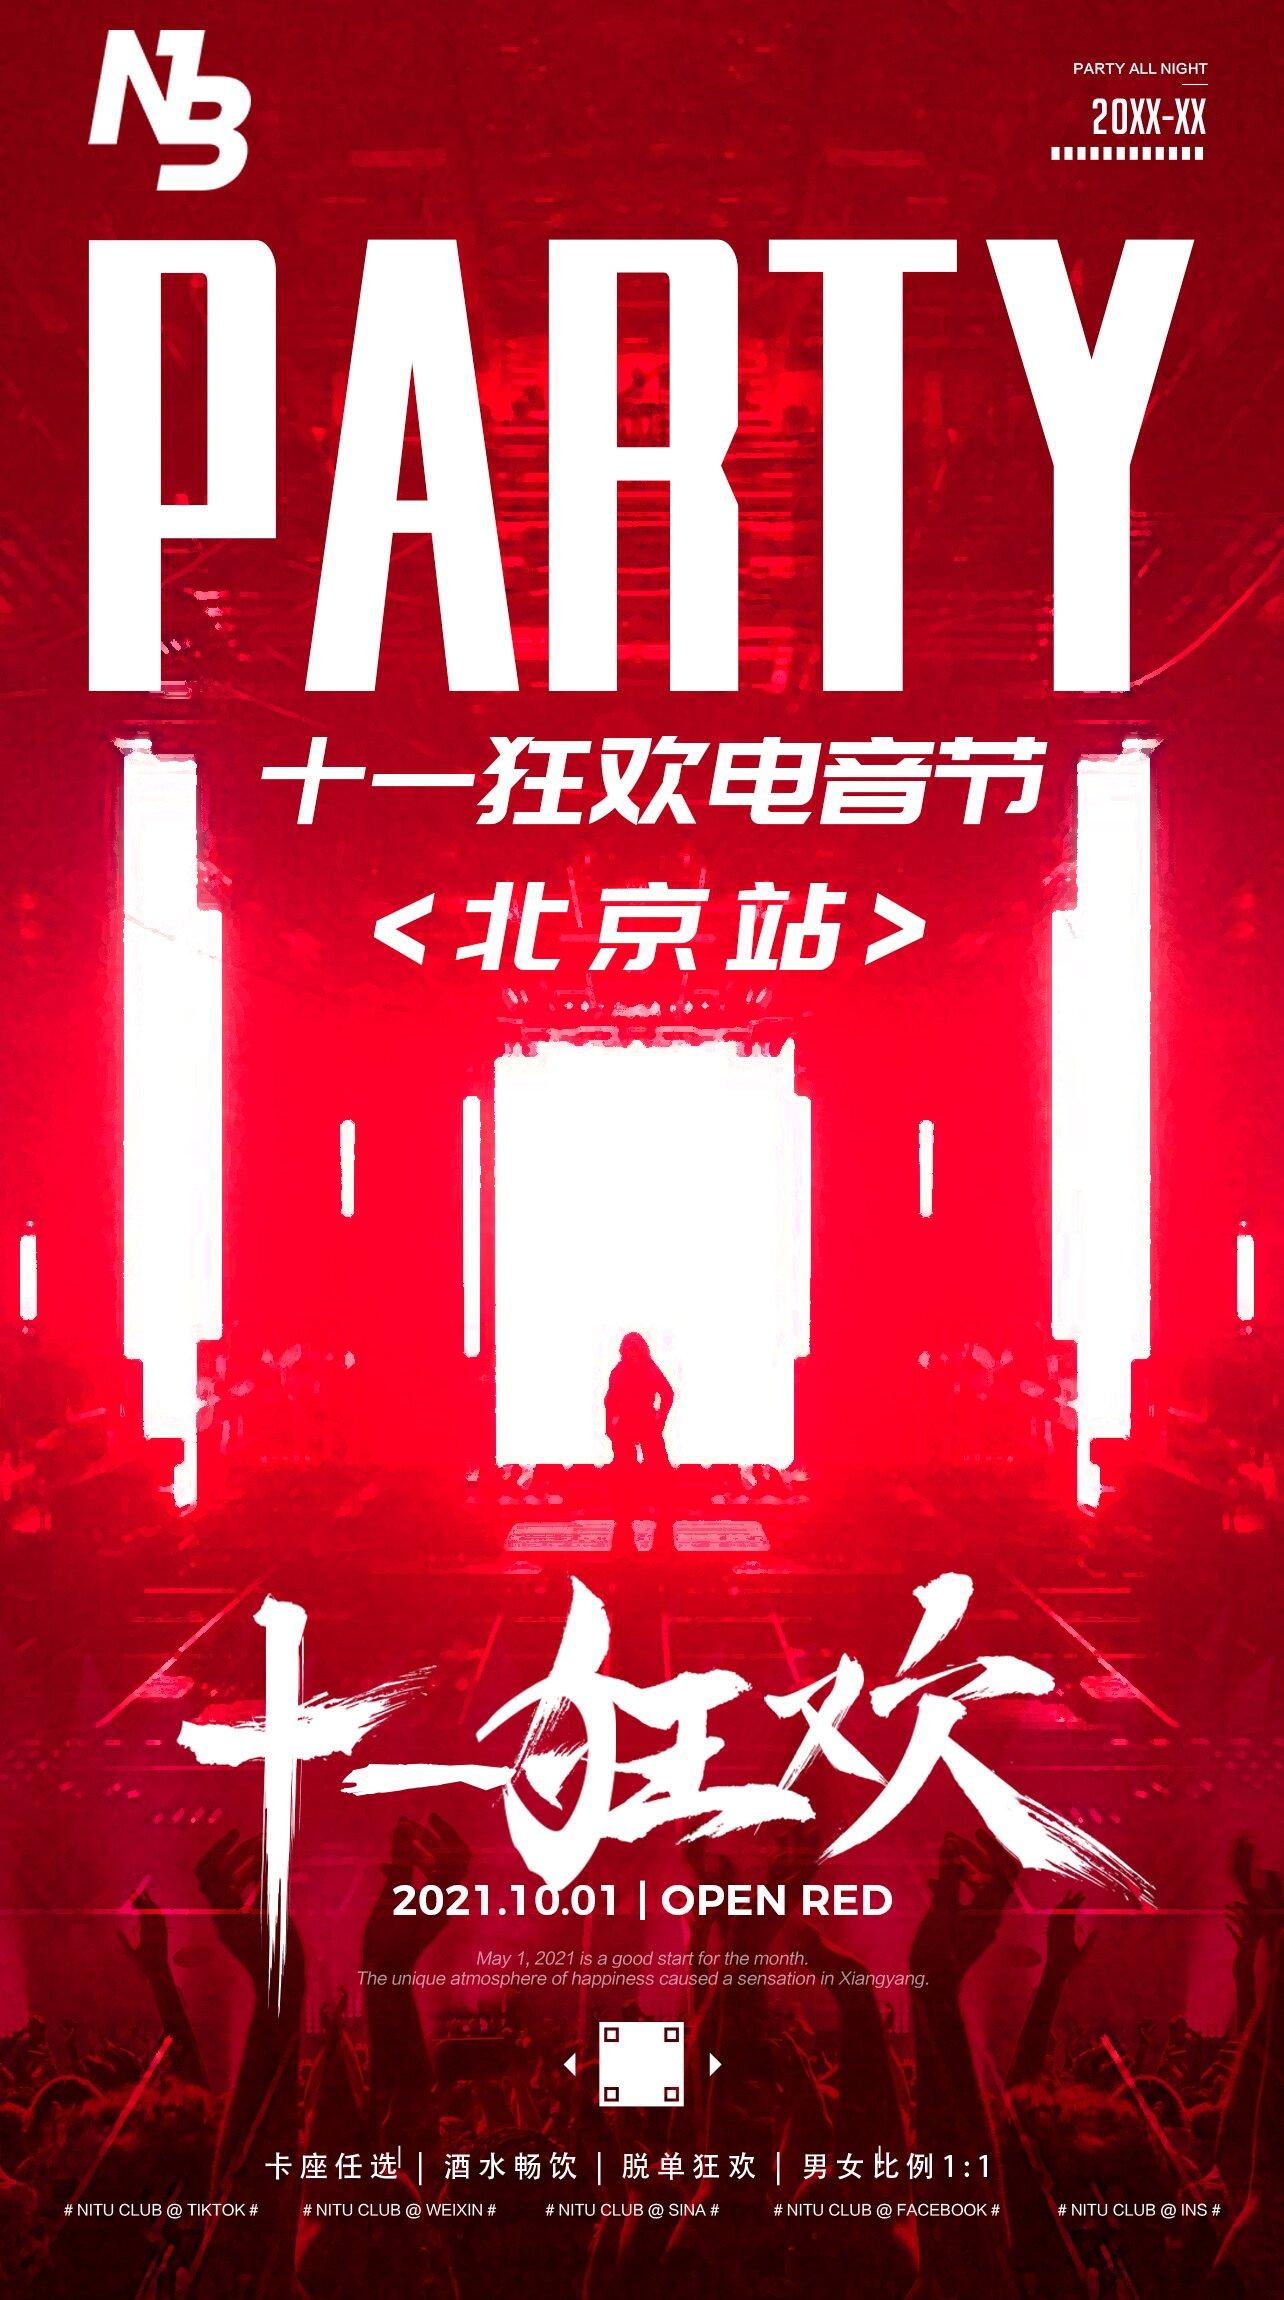 【北京】NewBlood 十一狂欢电音节 假期快乐天花板,一起燃翻全场!